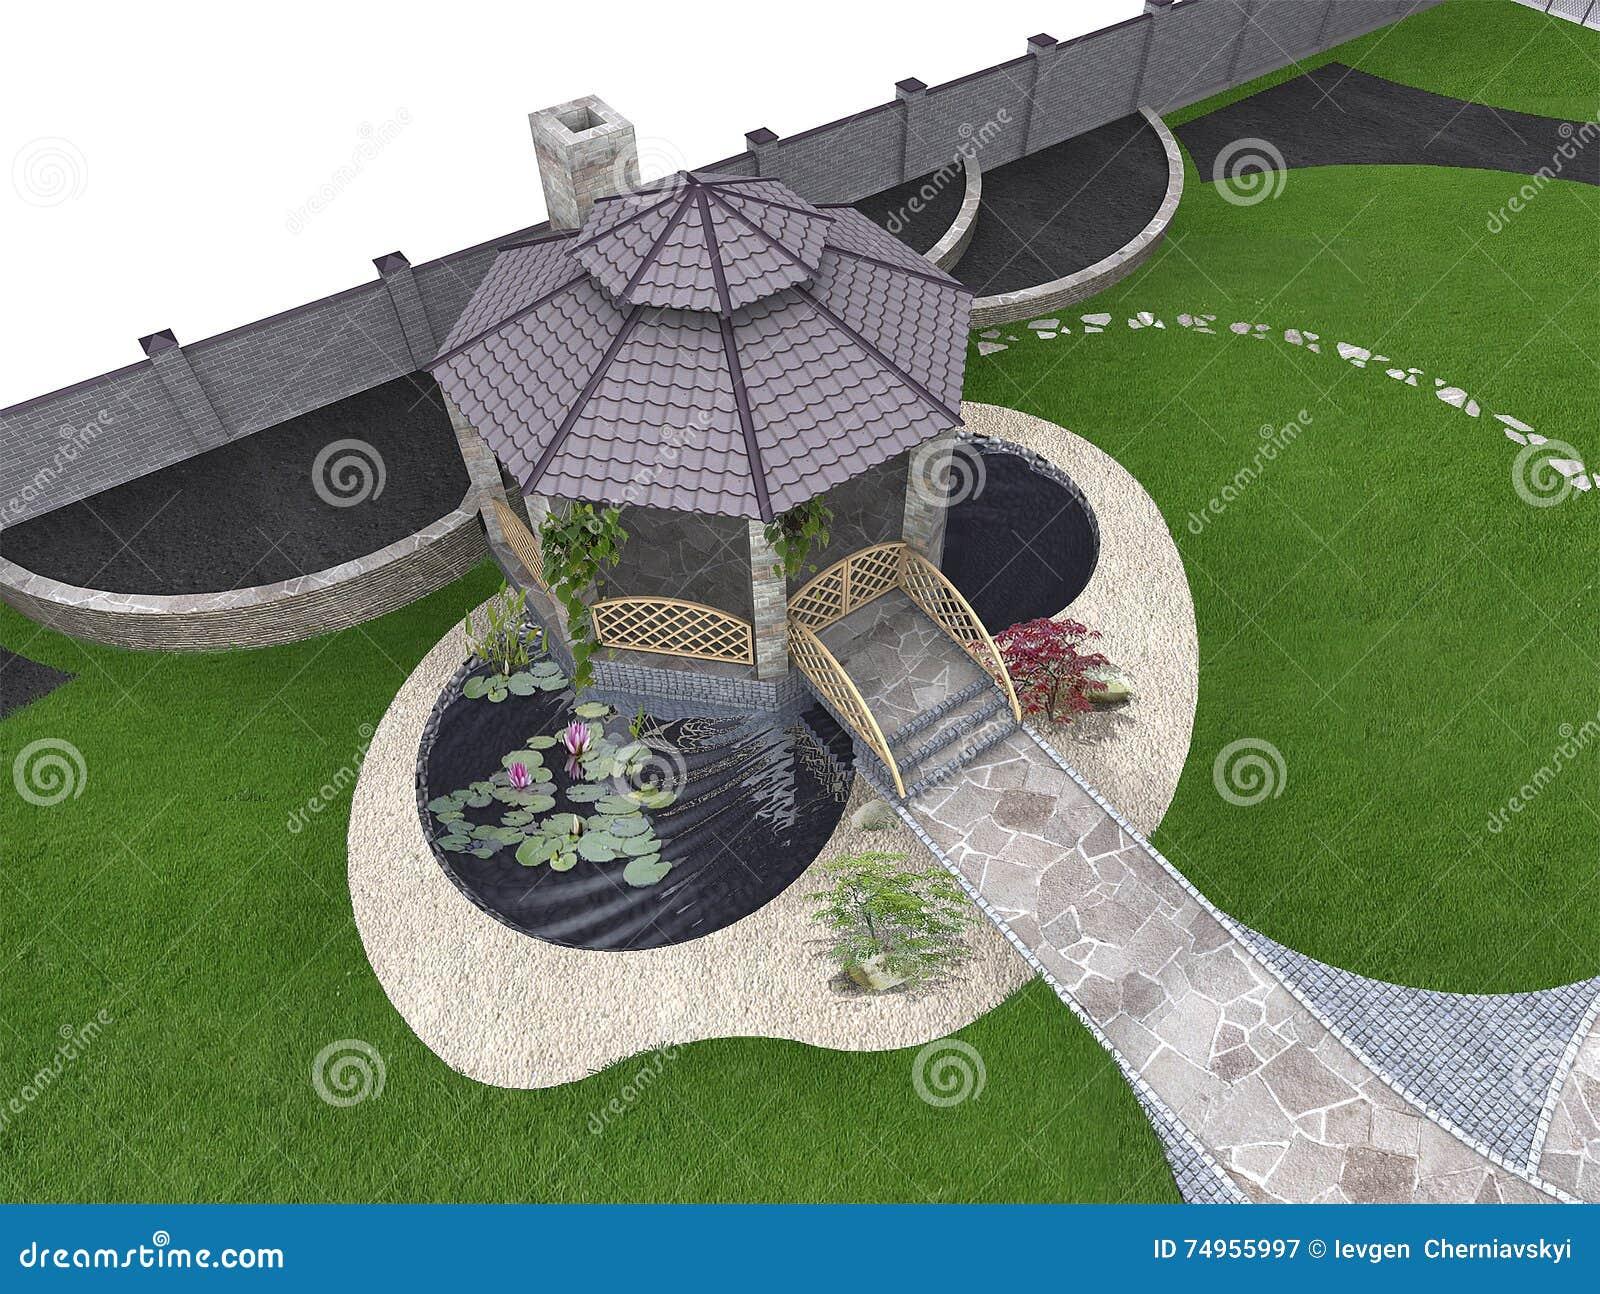 koi pond and gazebo aerial 3d rendering stock illustration